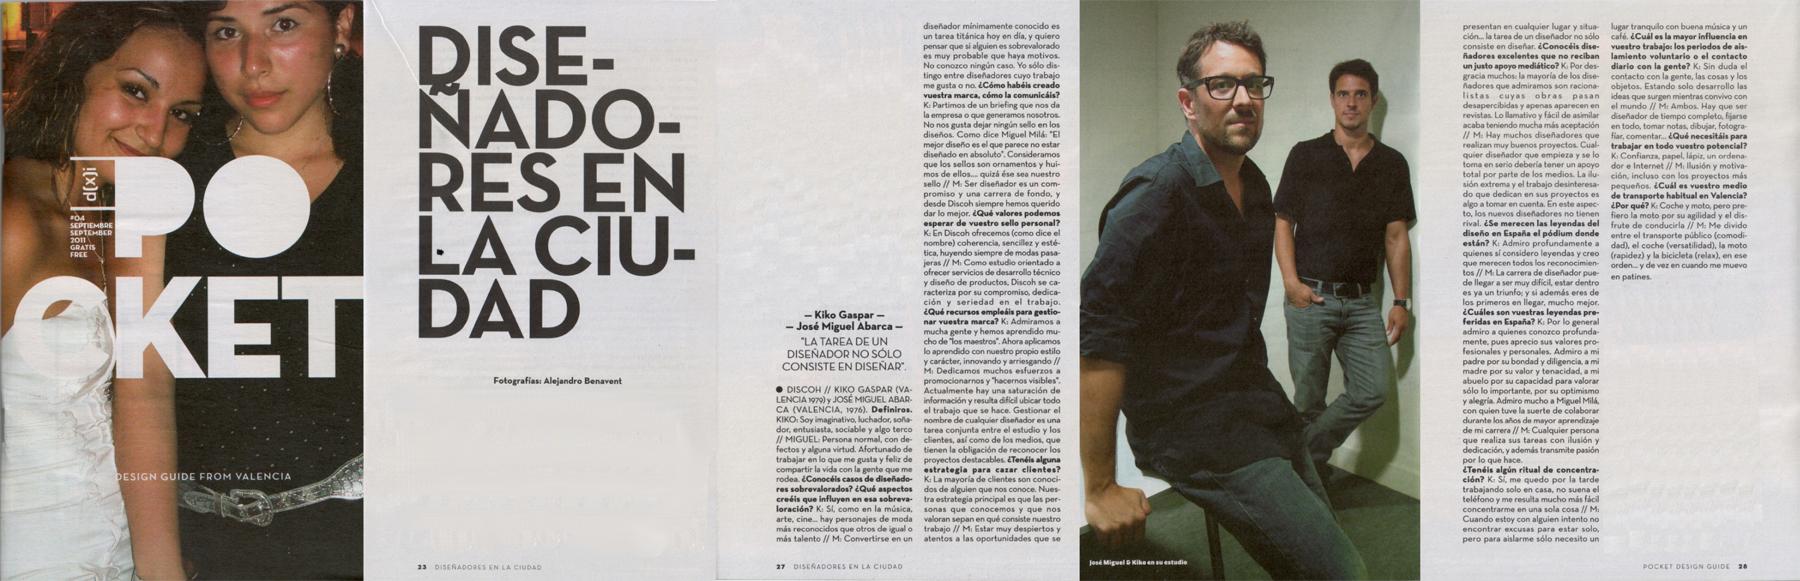 Entrevista a Miguel Abarca y Kiko Gaspar para la revista Pocket Design. Diseñadores de la ciudad